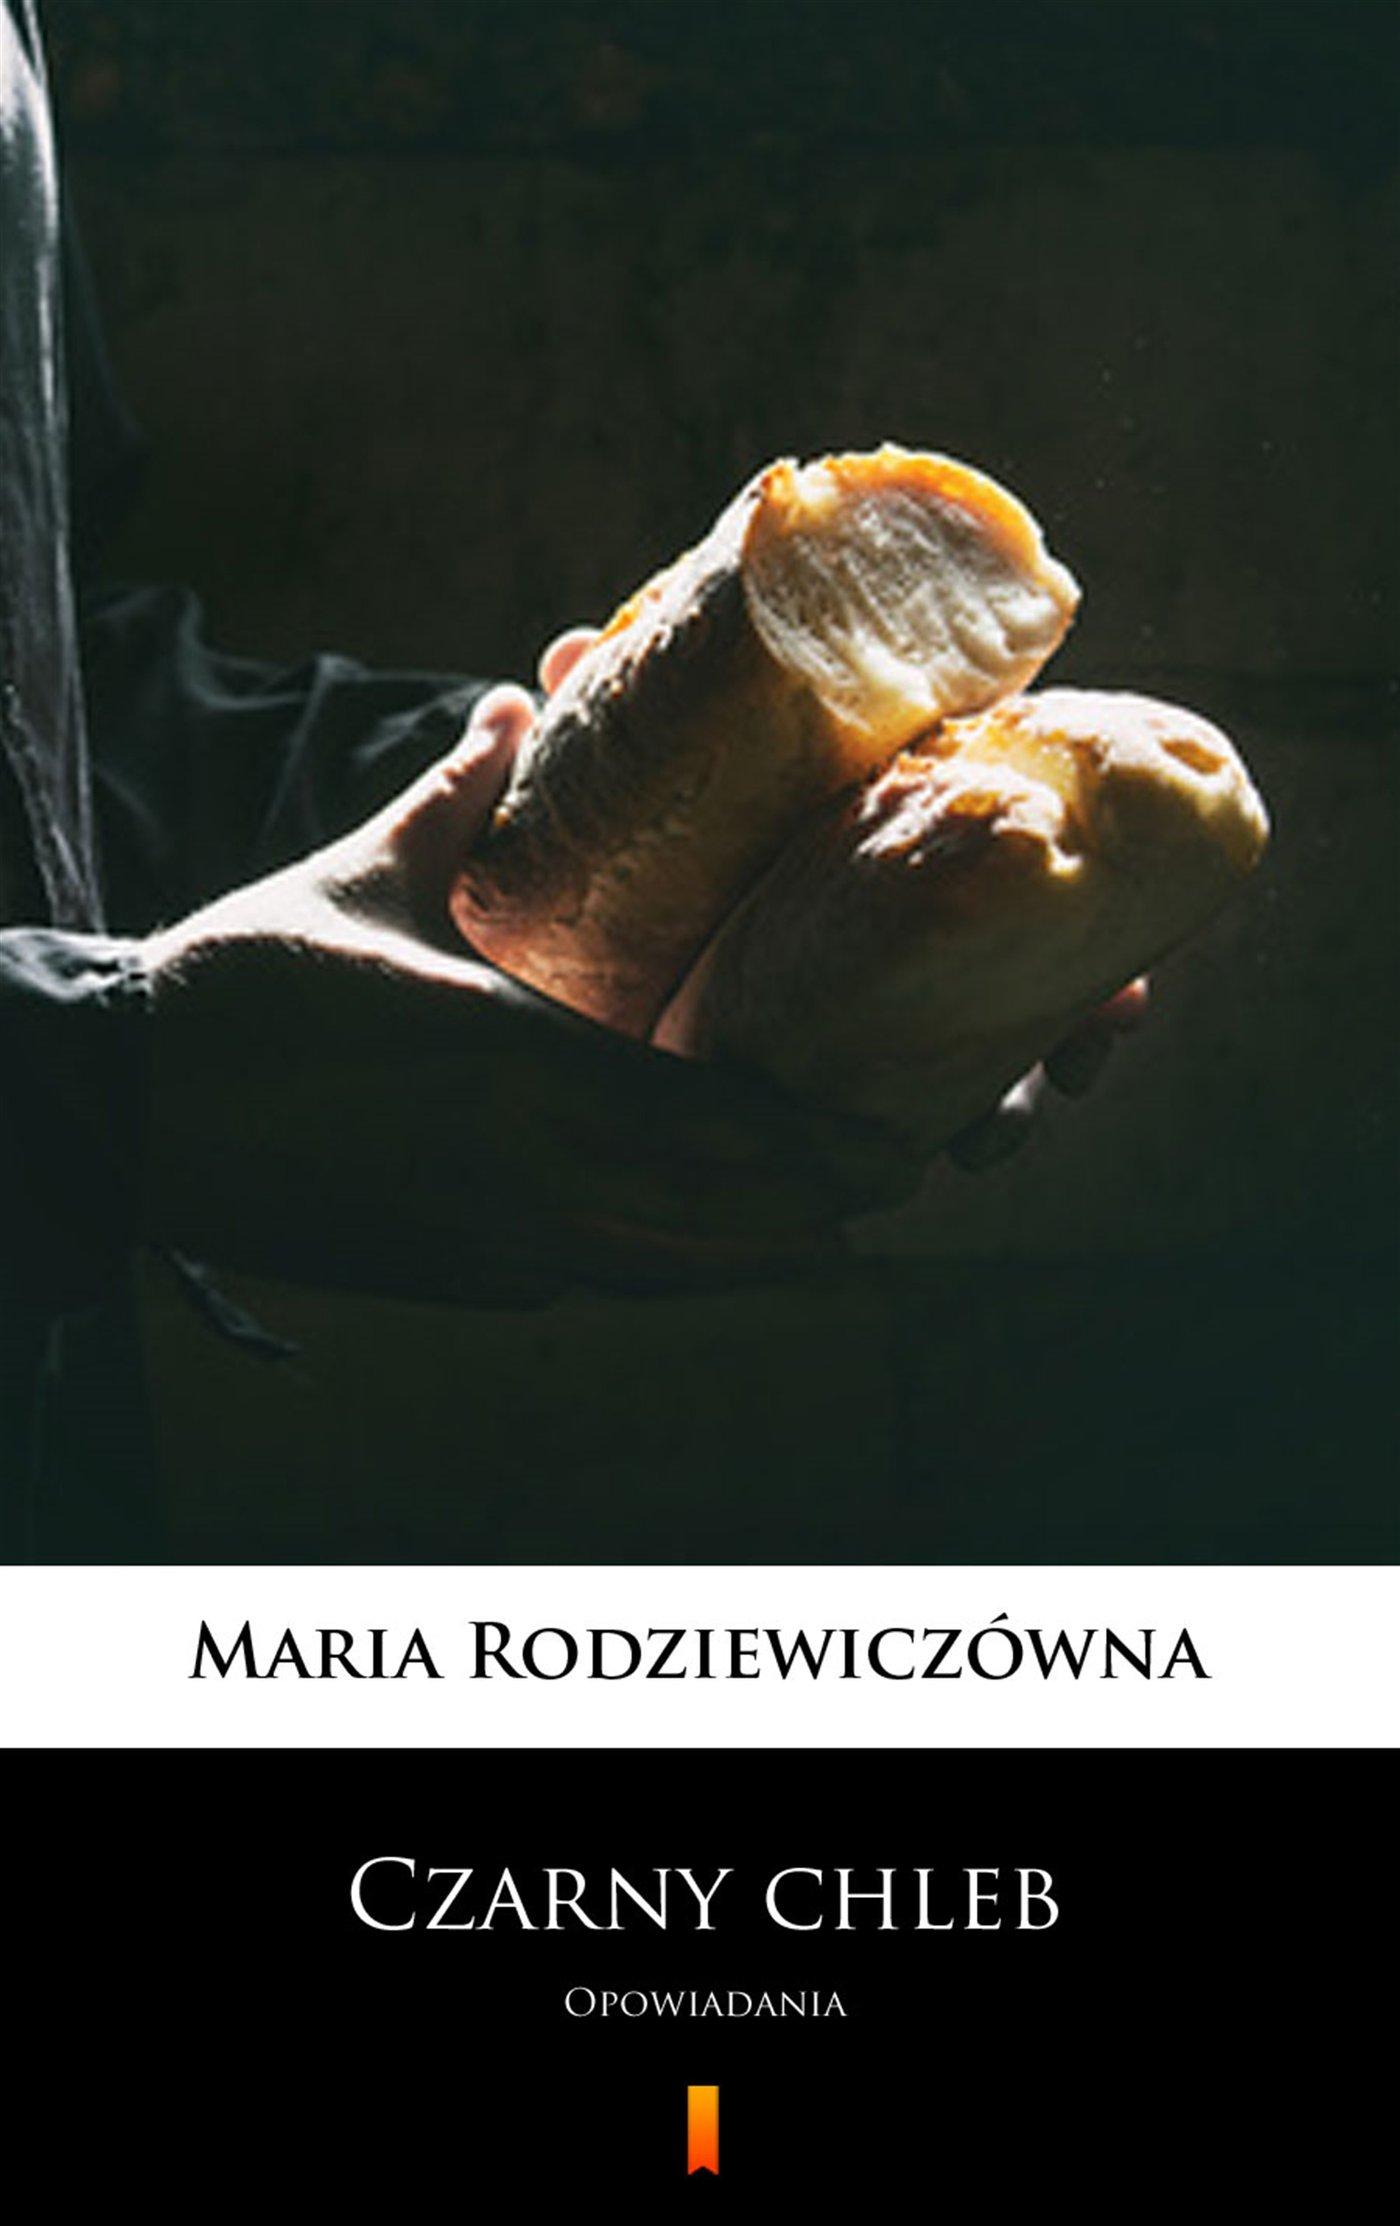 Czarny chleb - Ebook (Książka EPUB) do pobrania w formacie EPUB